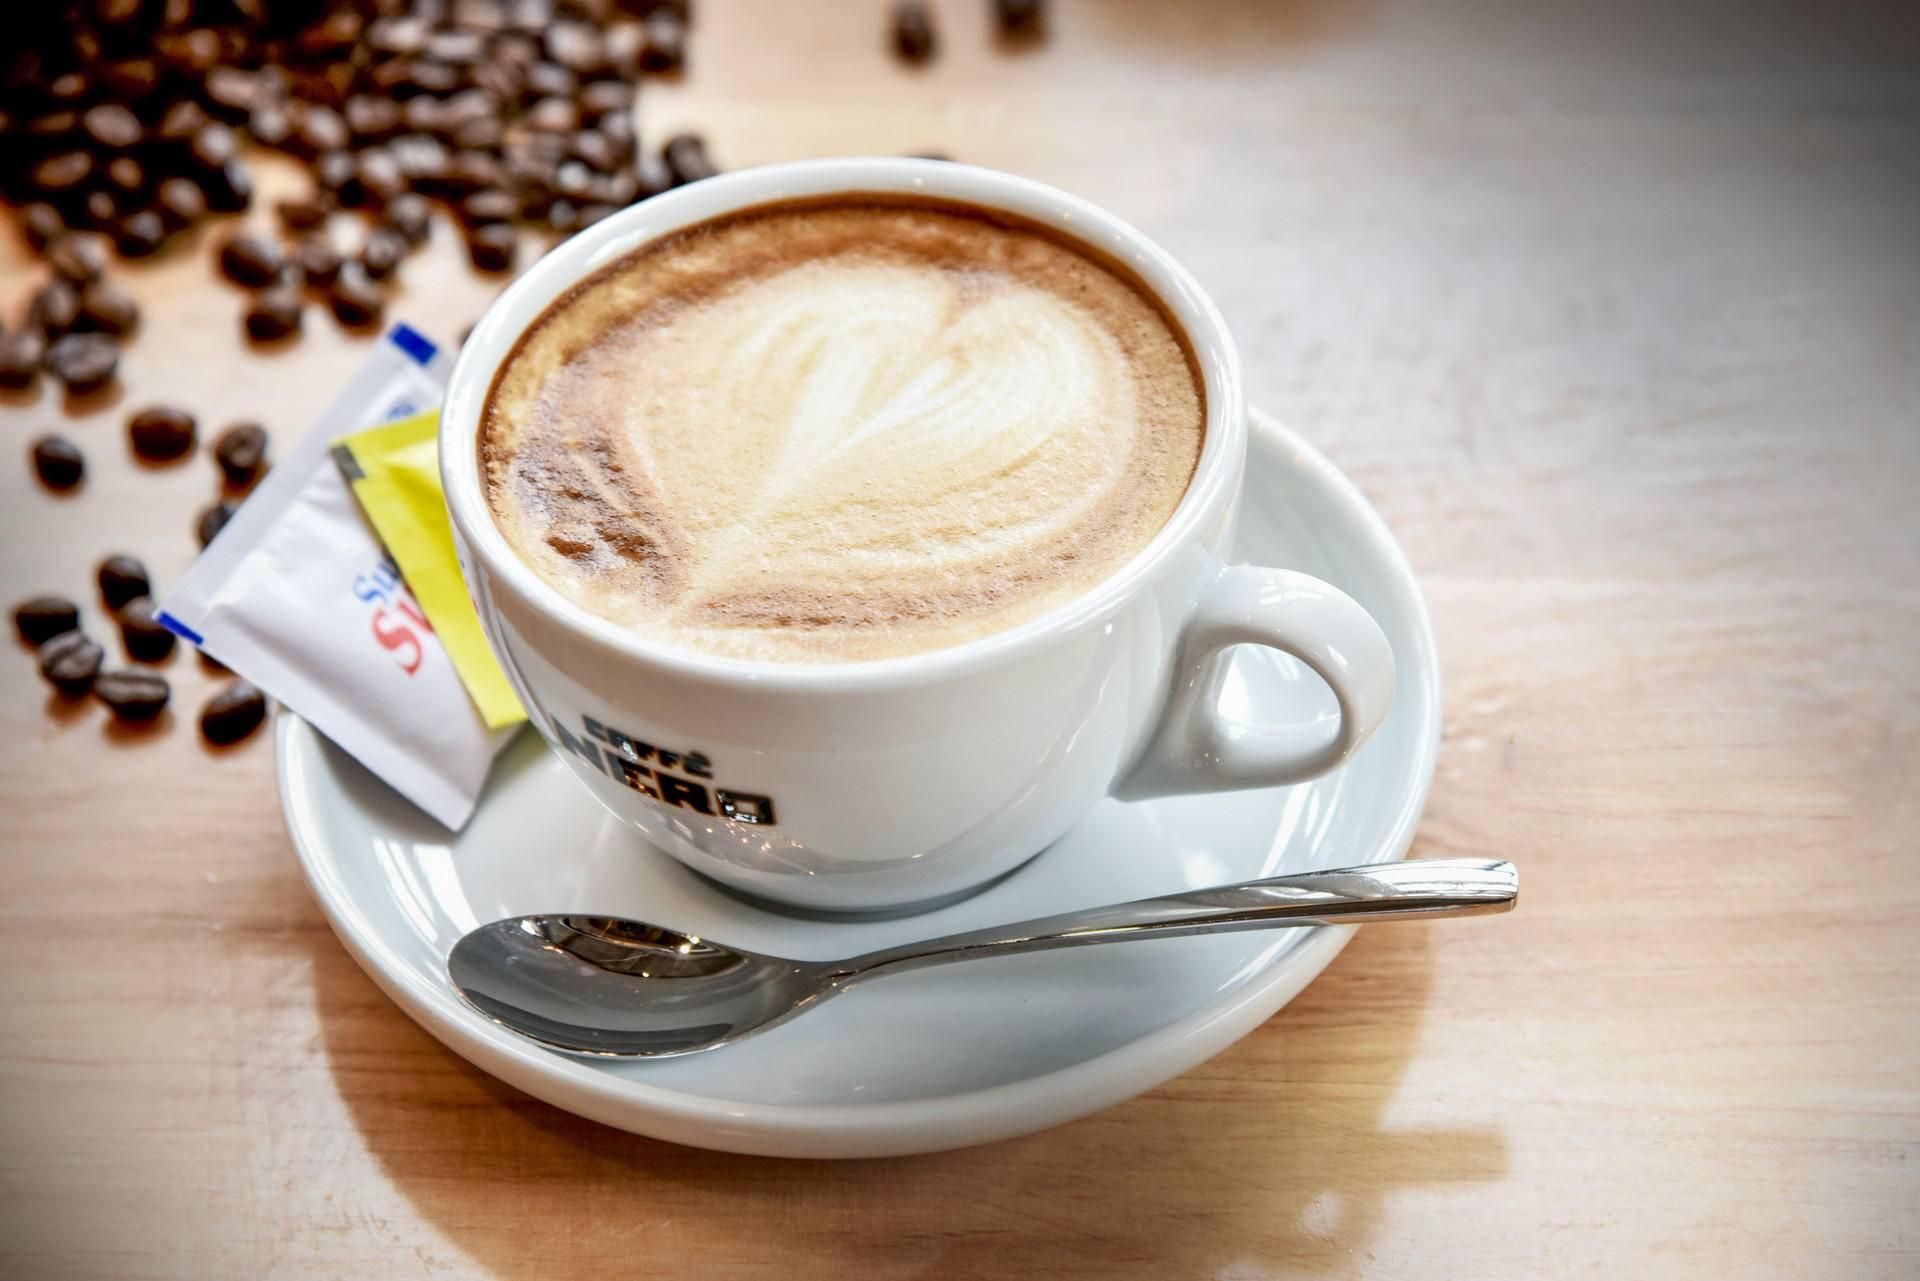 瑞幸咖啡9个月巨亏超8亿: 预期亏更多 继续补贴获客